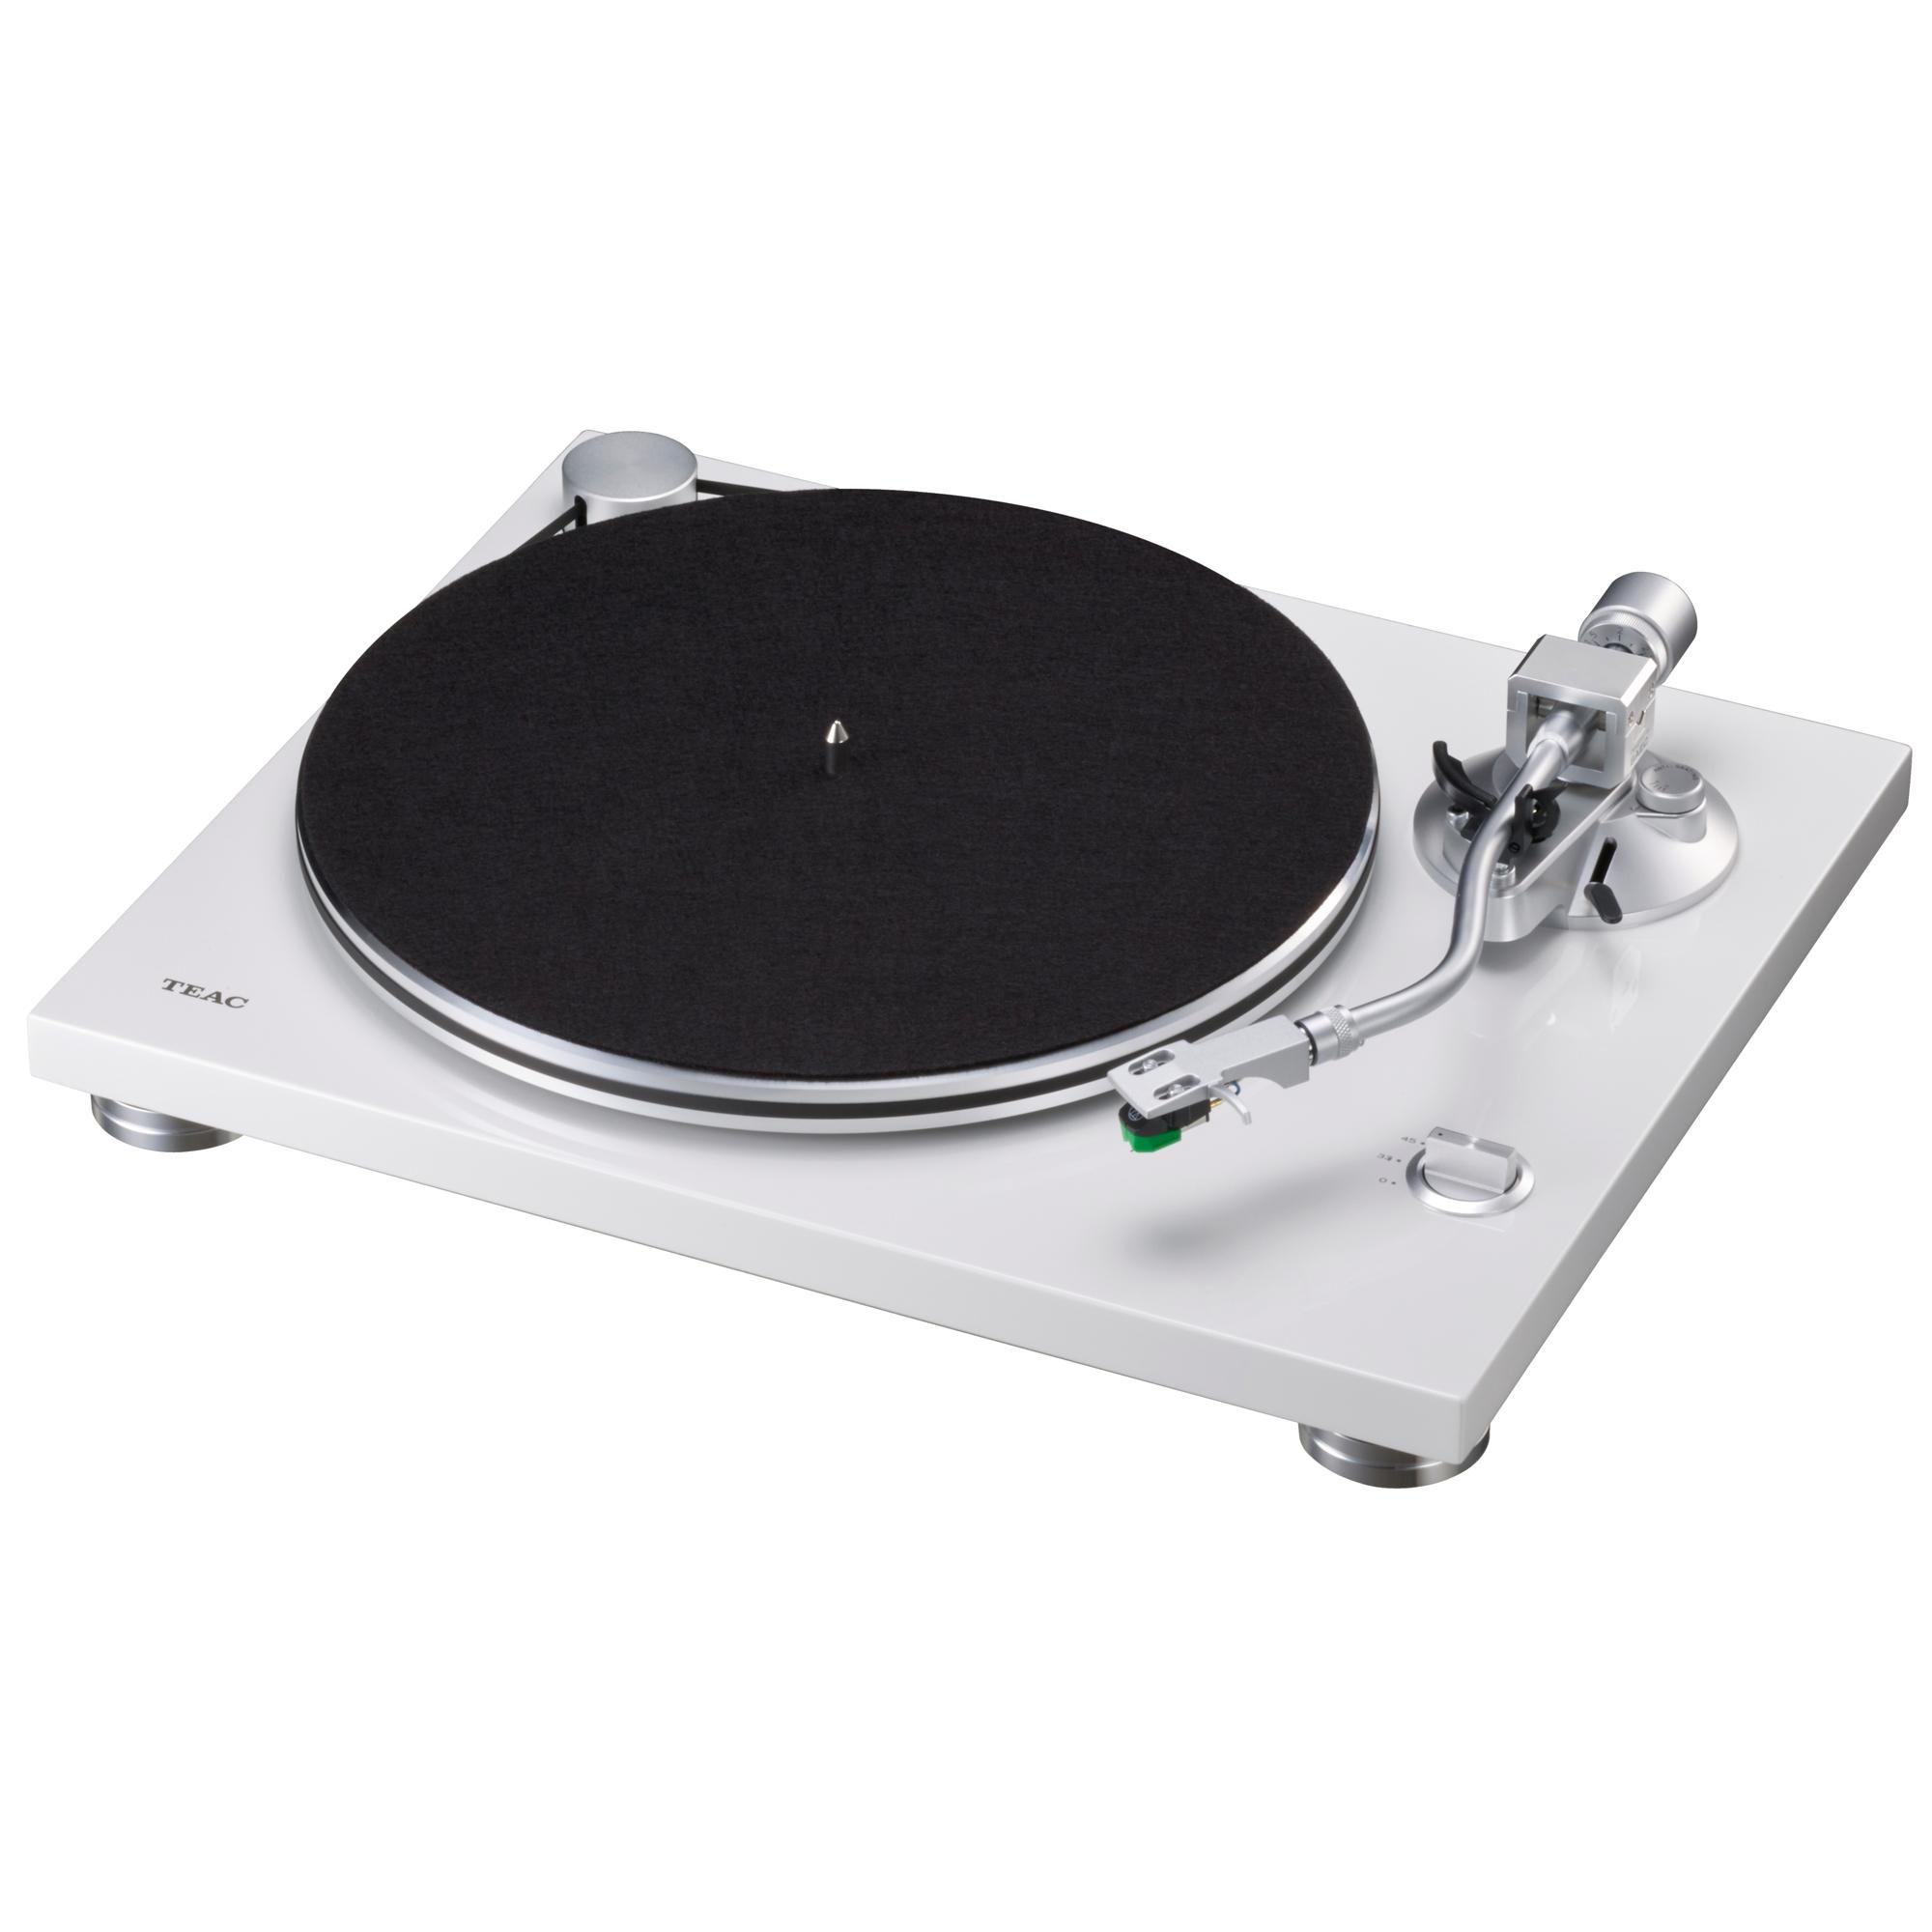 Teac TN-3B weiss Plattenspieler 44186